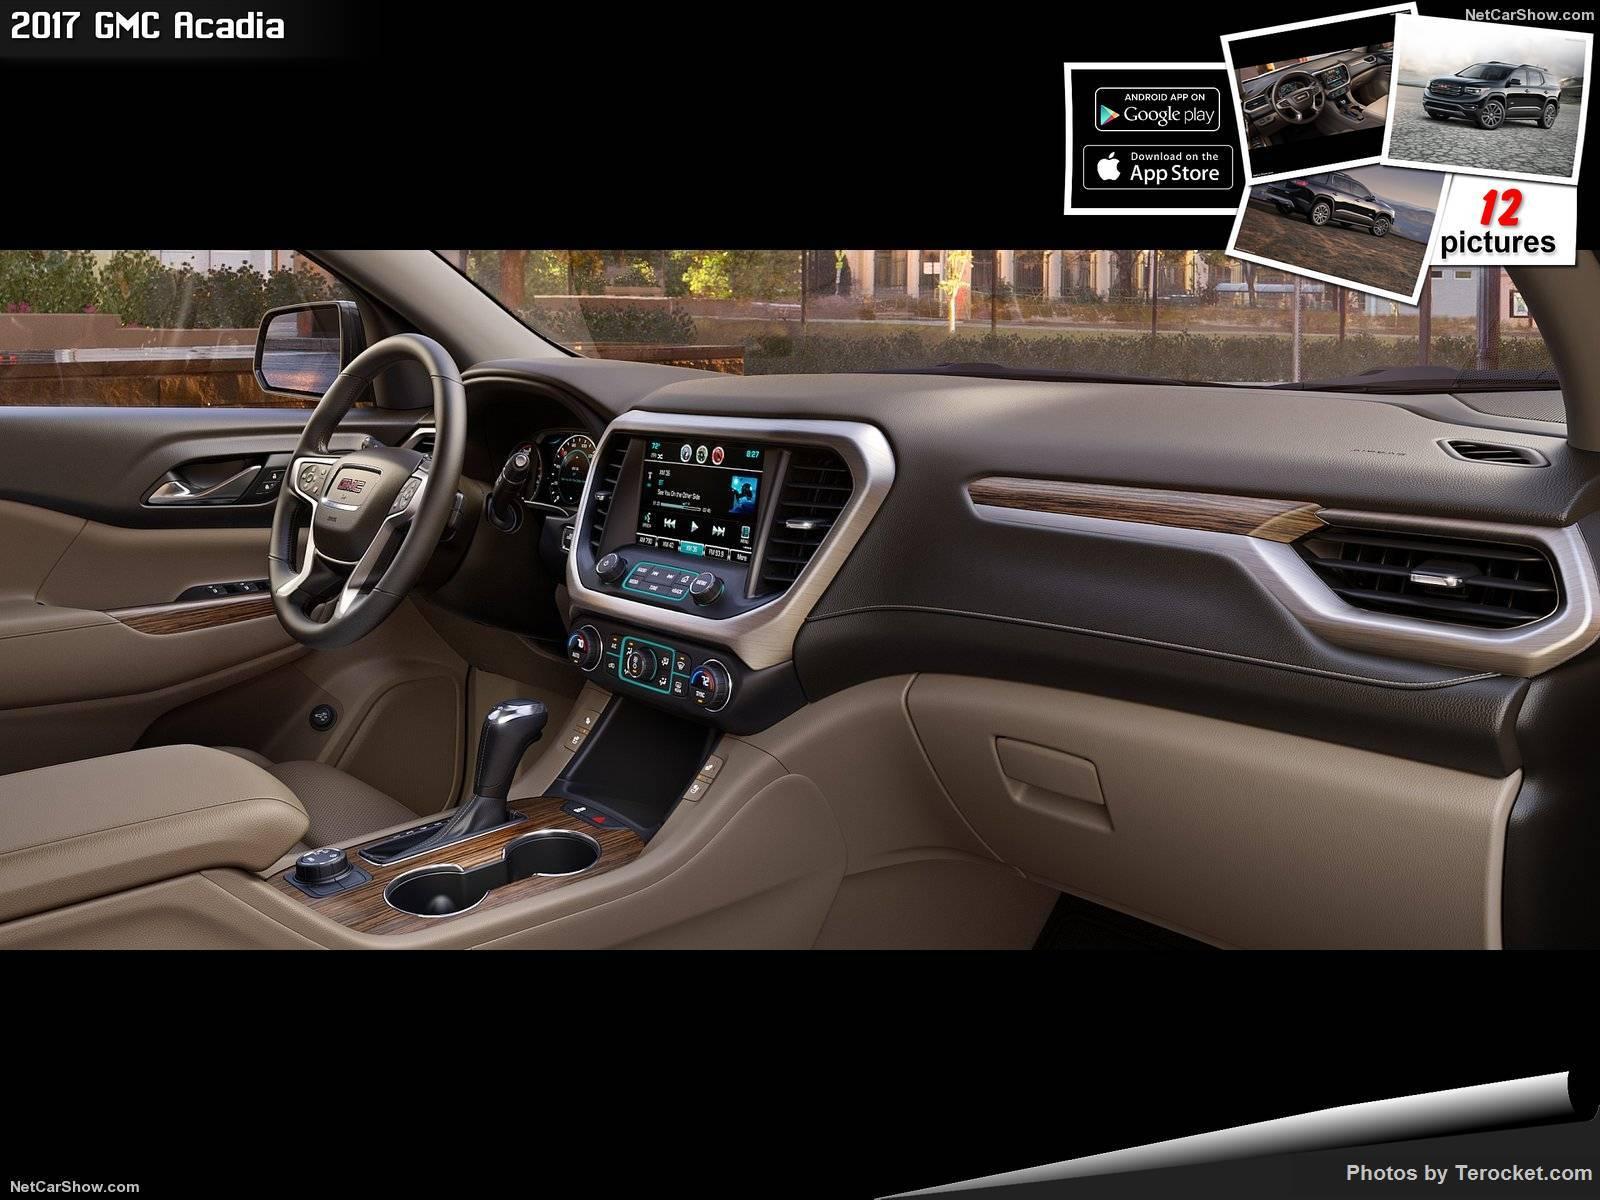 Hình ảnh xe ô tô GMC Acadia 2017 & nội ngoại thất